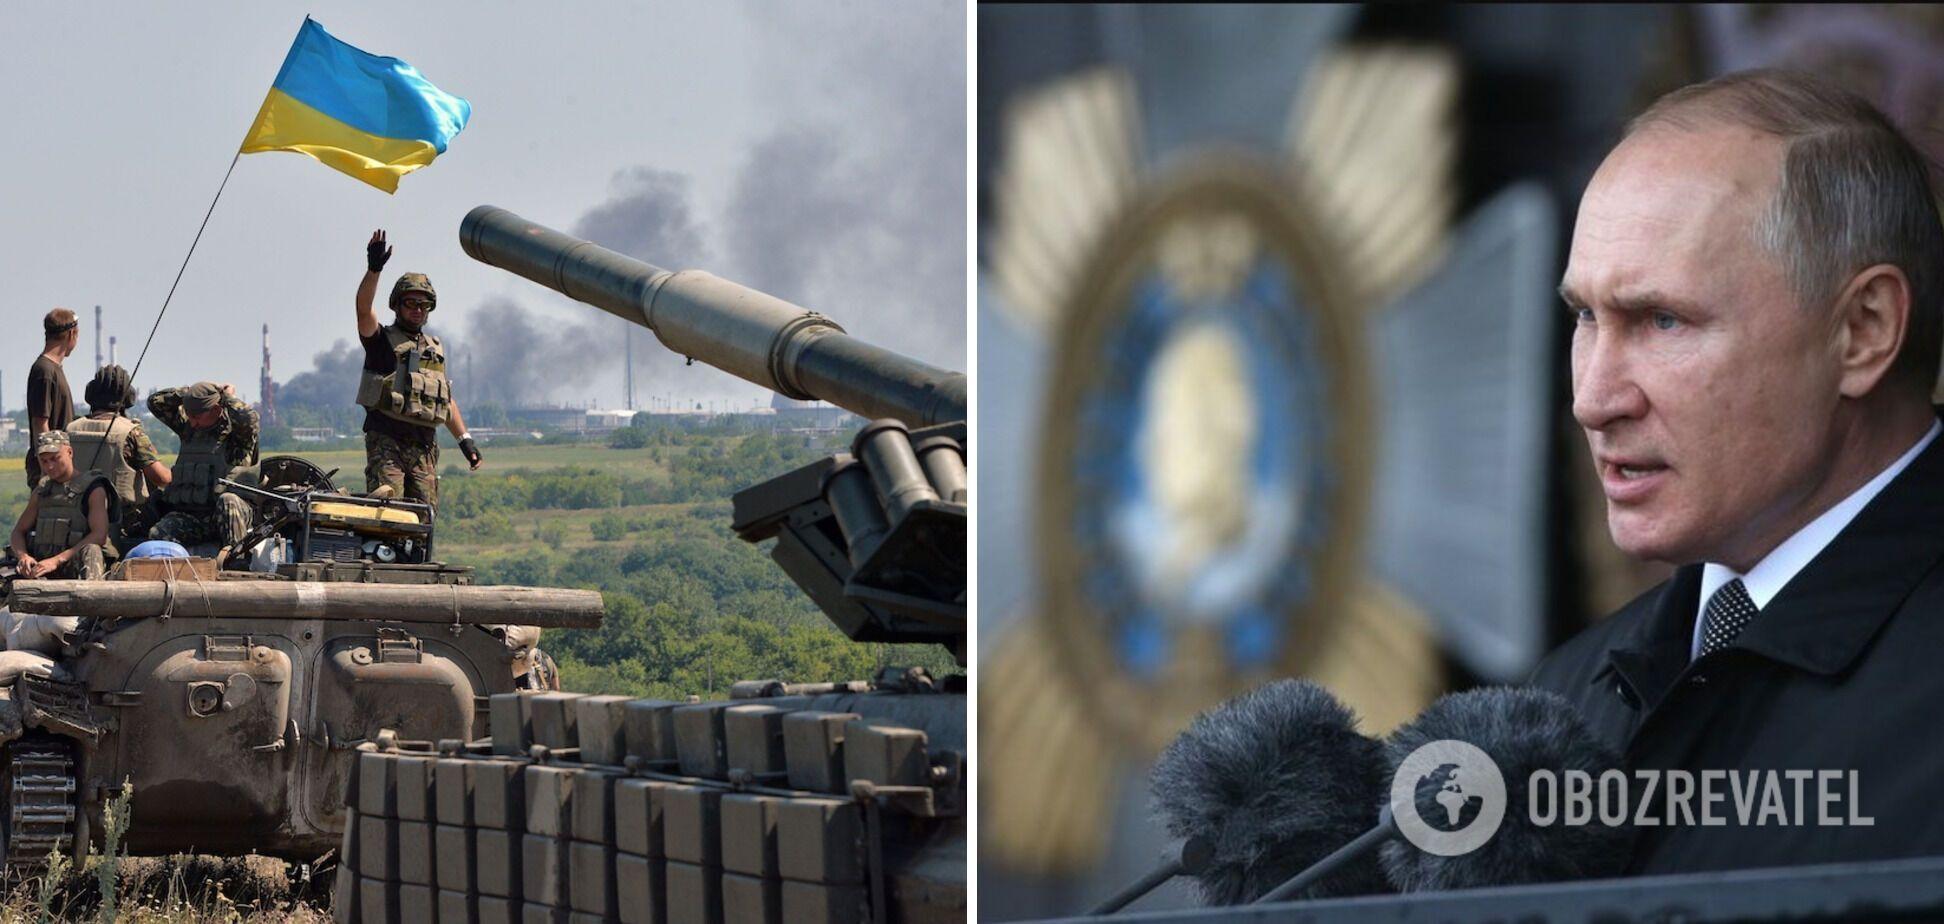 Кремль ведет войну против Украины на всех фронтах